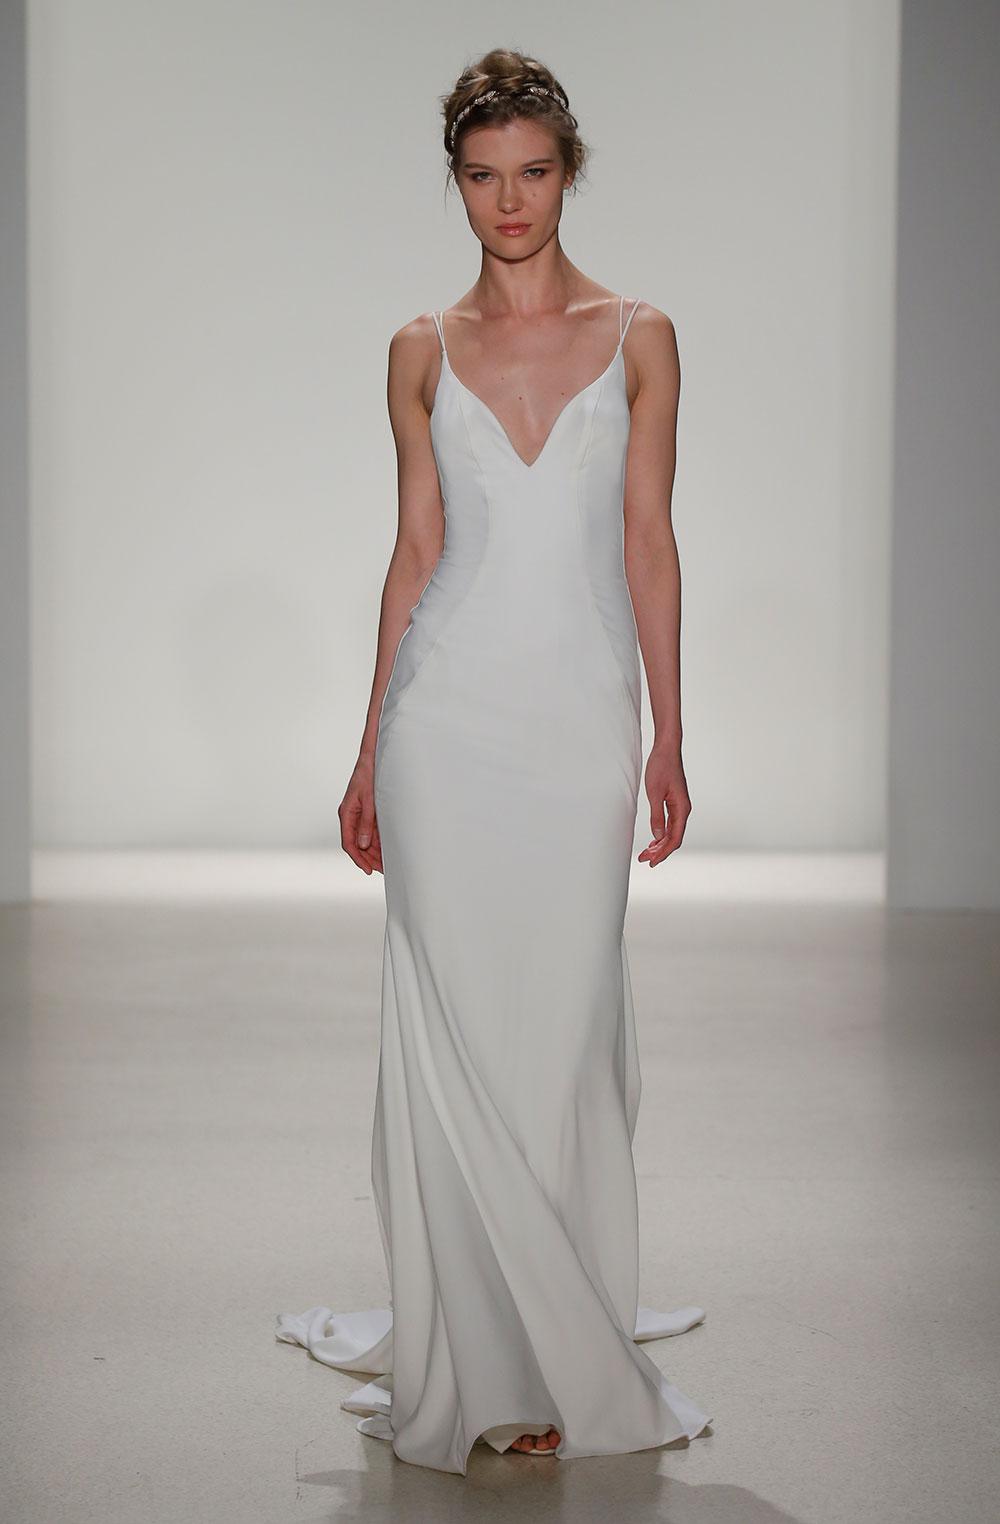 Minimalist bride: Kelly-Faetanini